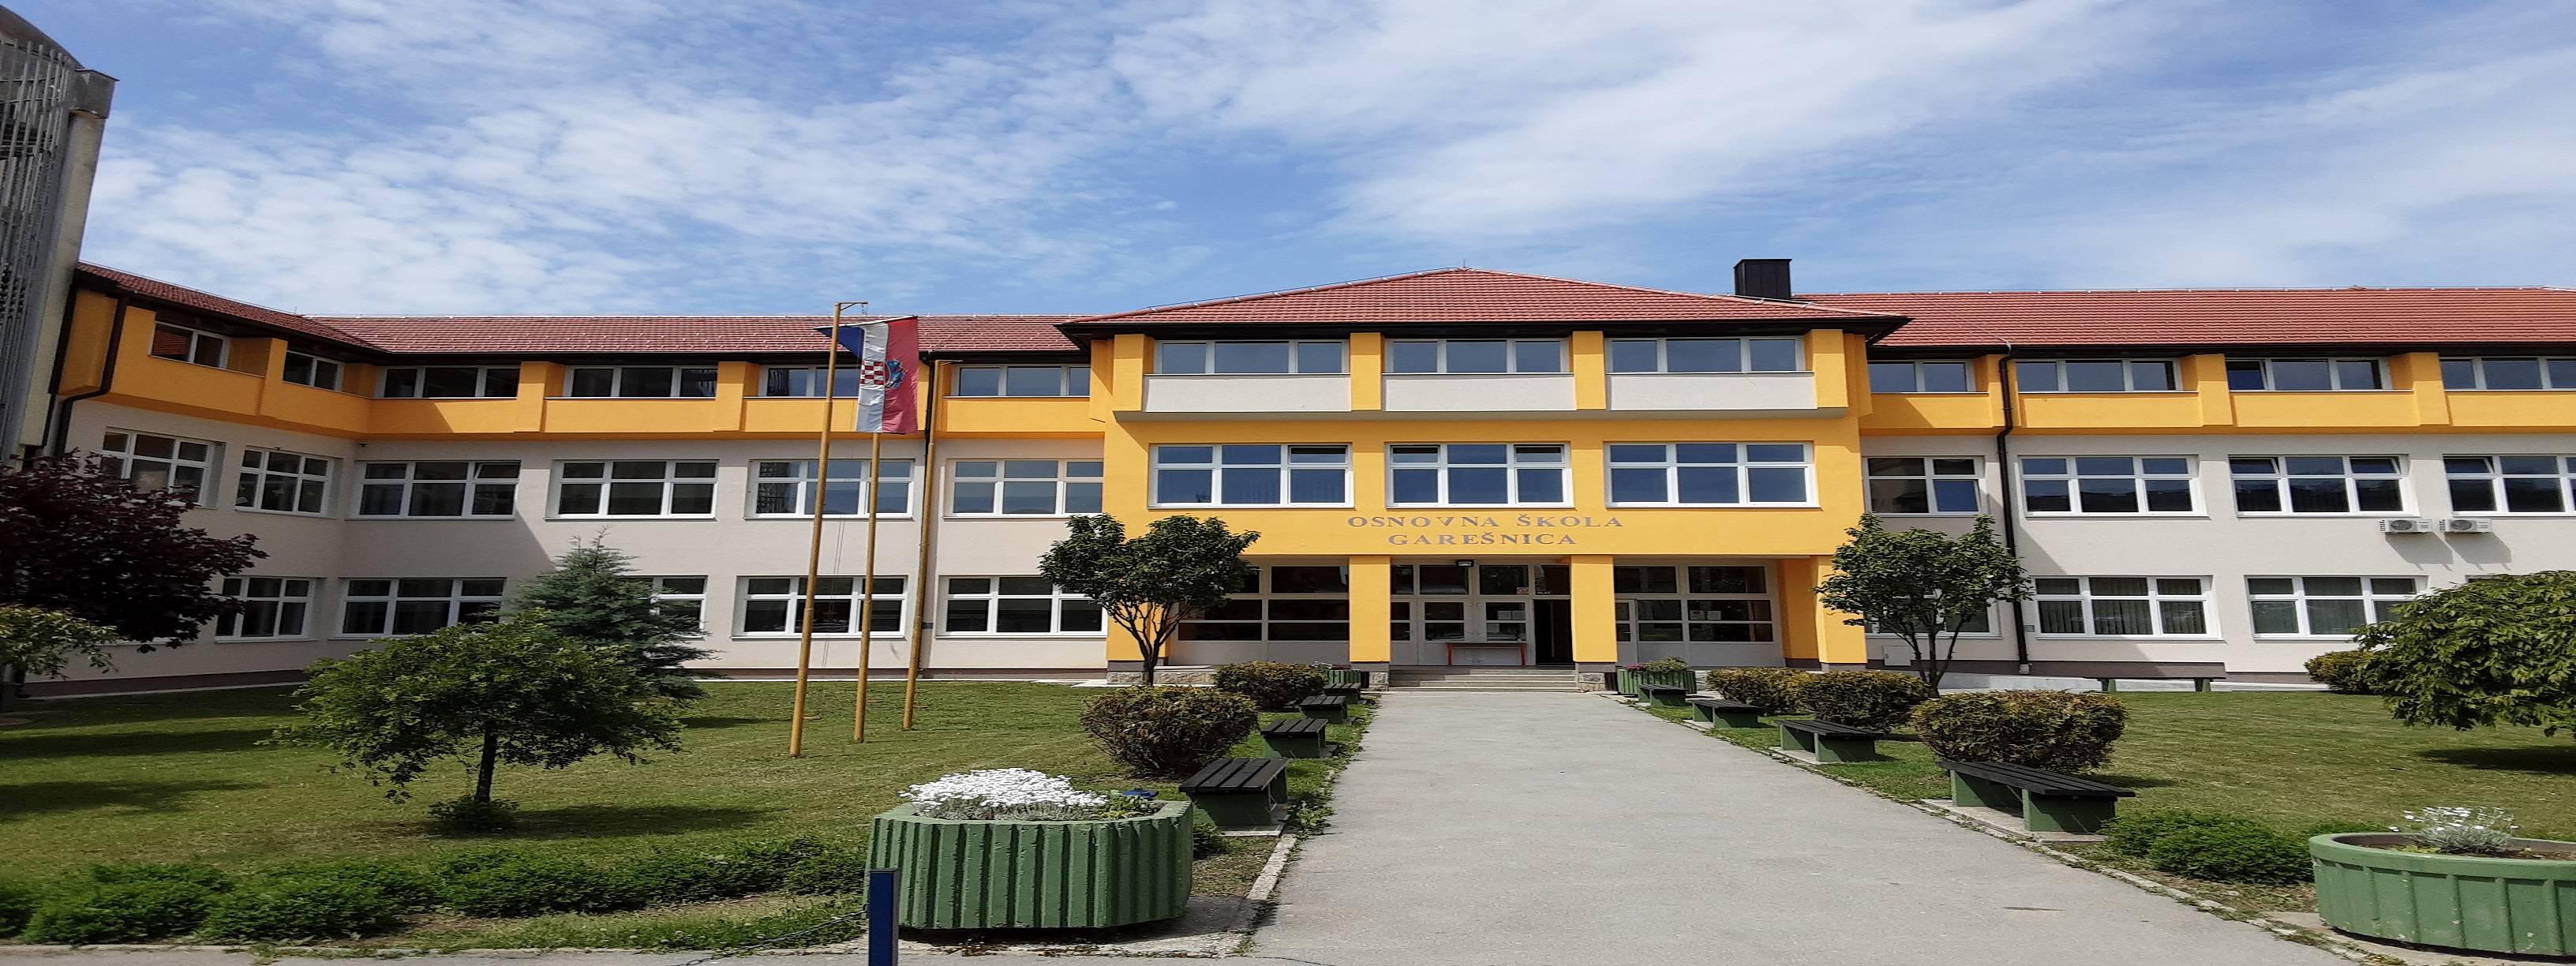 Osnovna Skola Garesnica Naslovnica